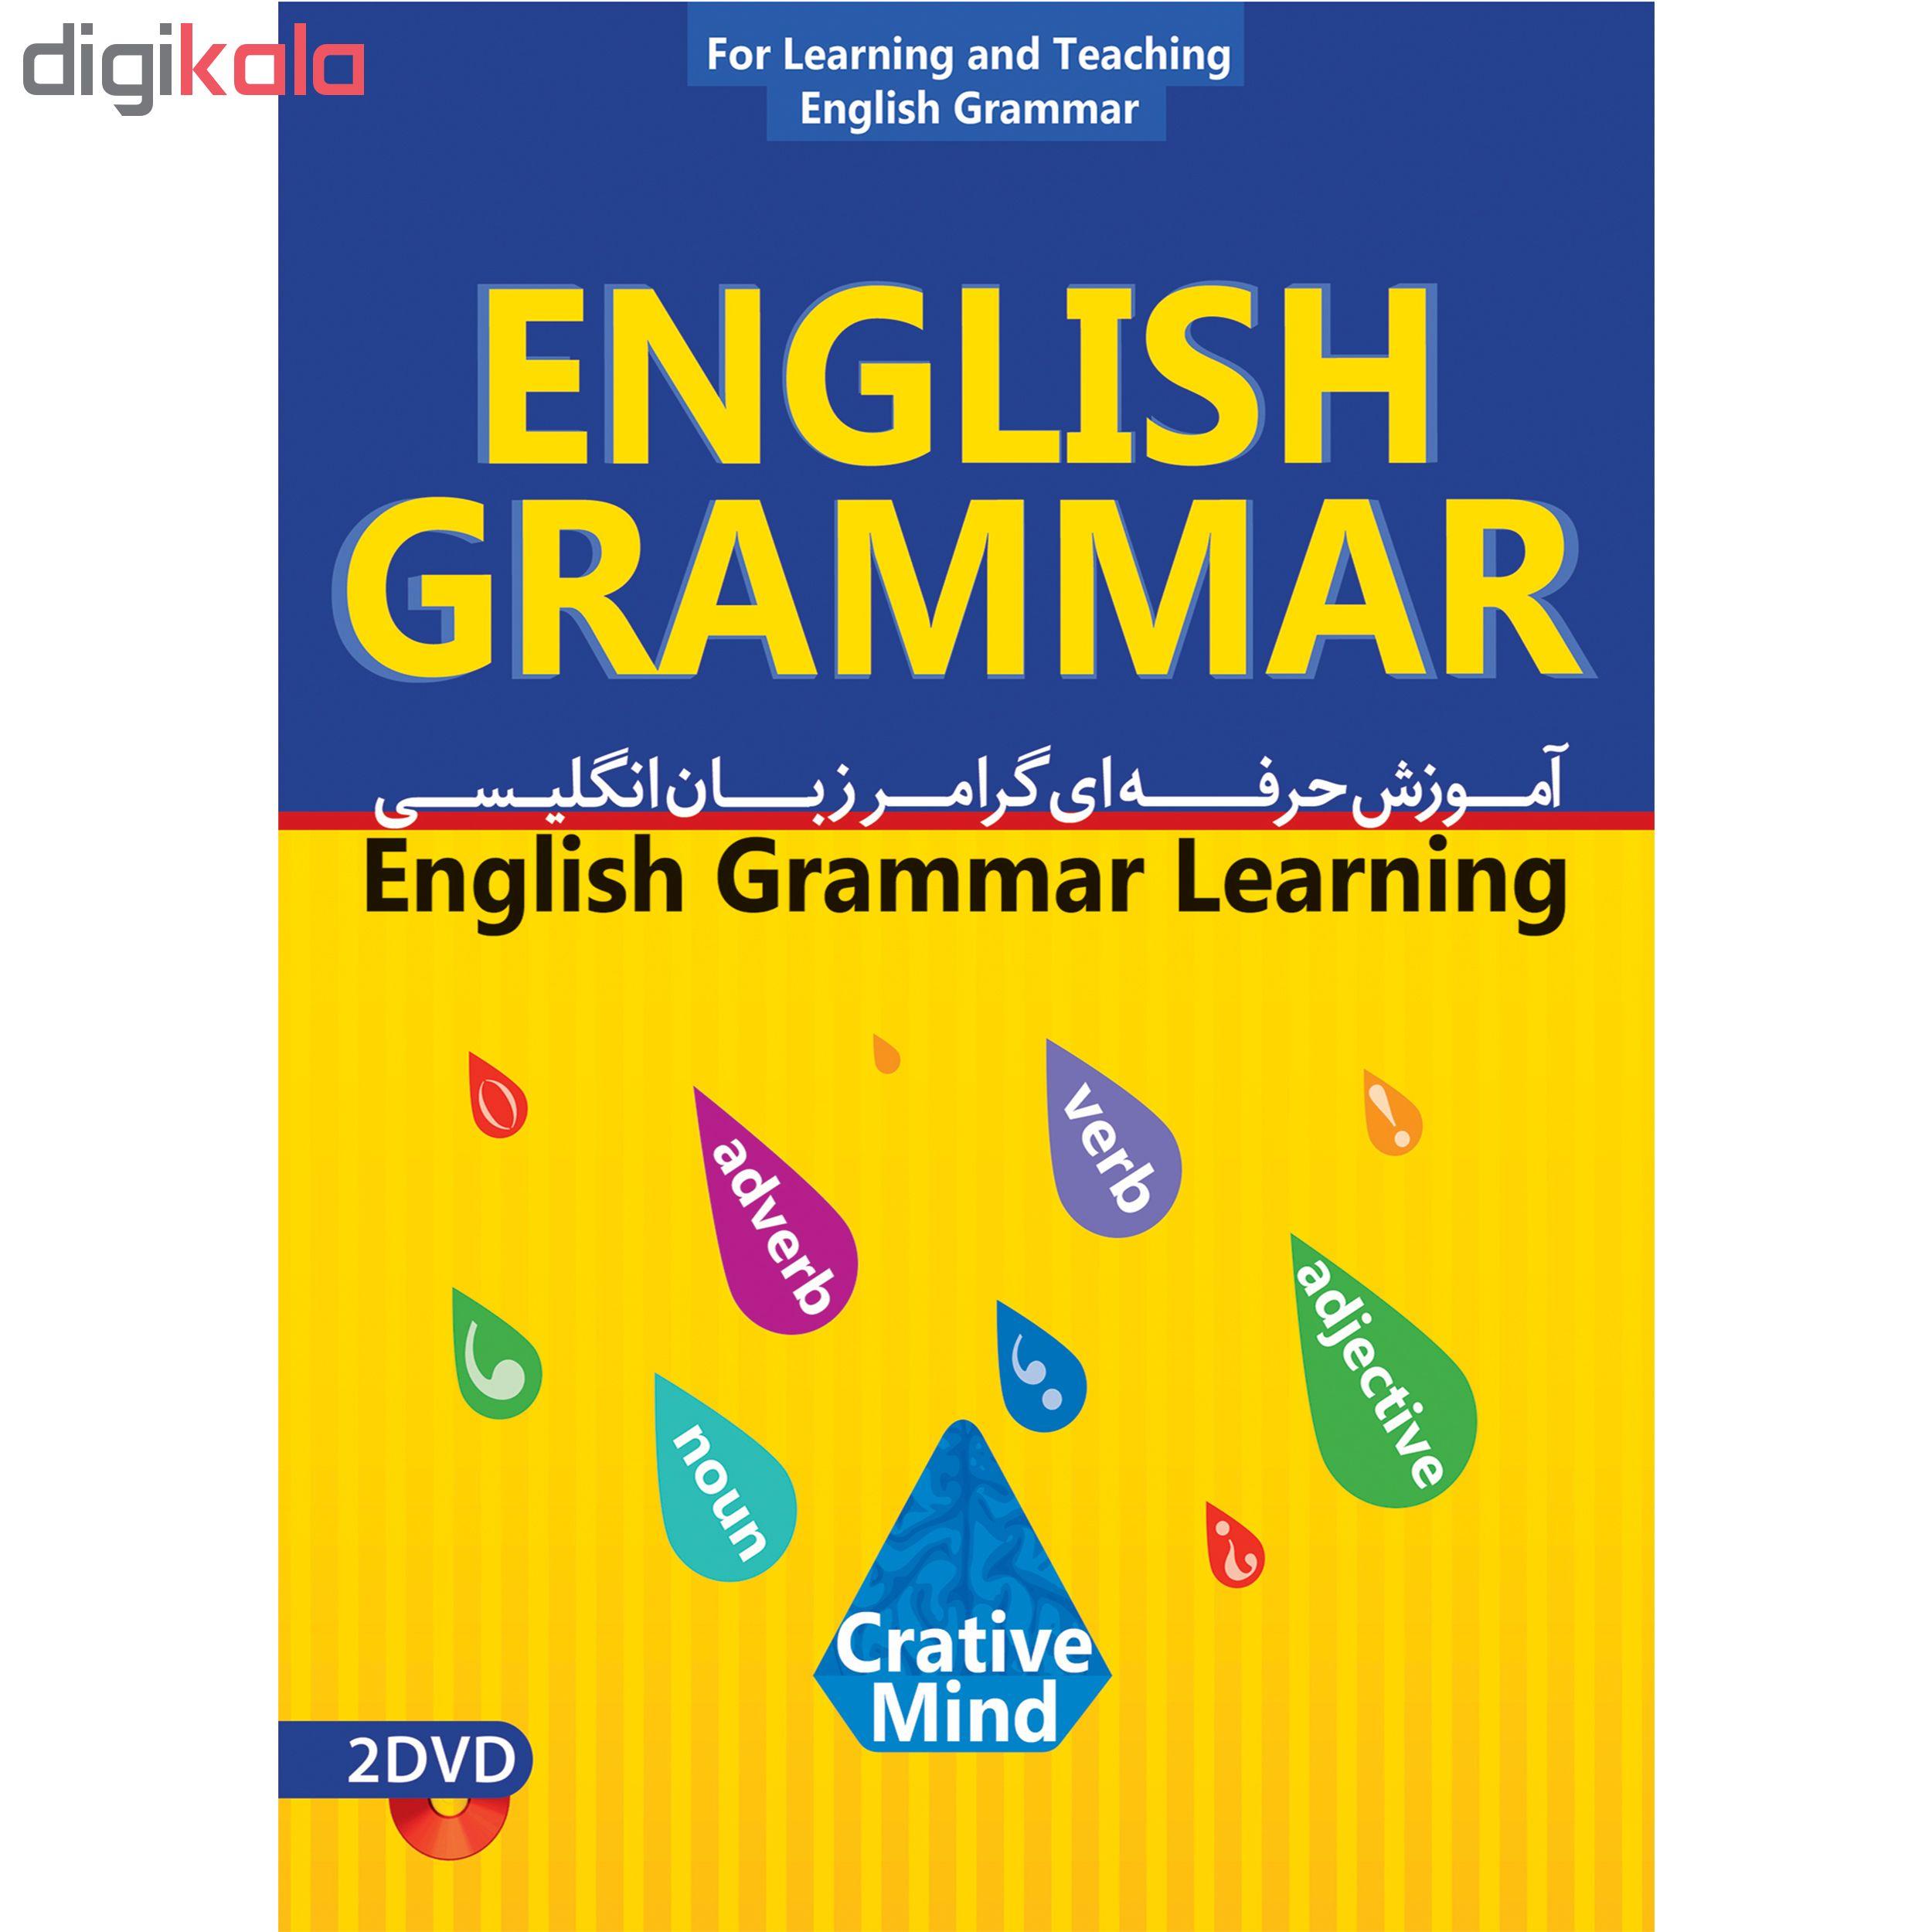 نرم افزار آموزش زبان انگلیسی لهجه امریکایی نشر پدیده به همراه نرم افزار آموزش حرفه ای گرامر زبان انگلیسی نشر پدیده